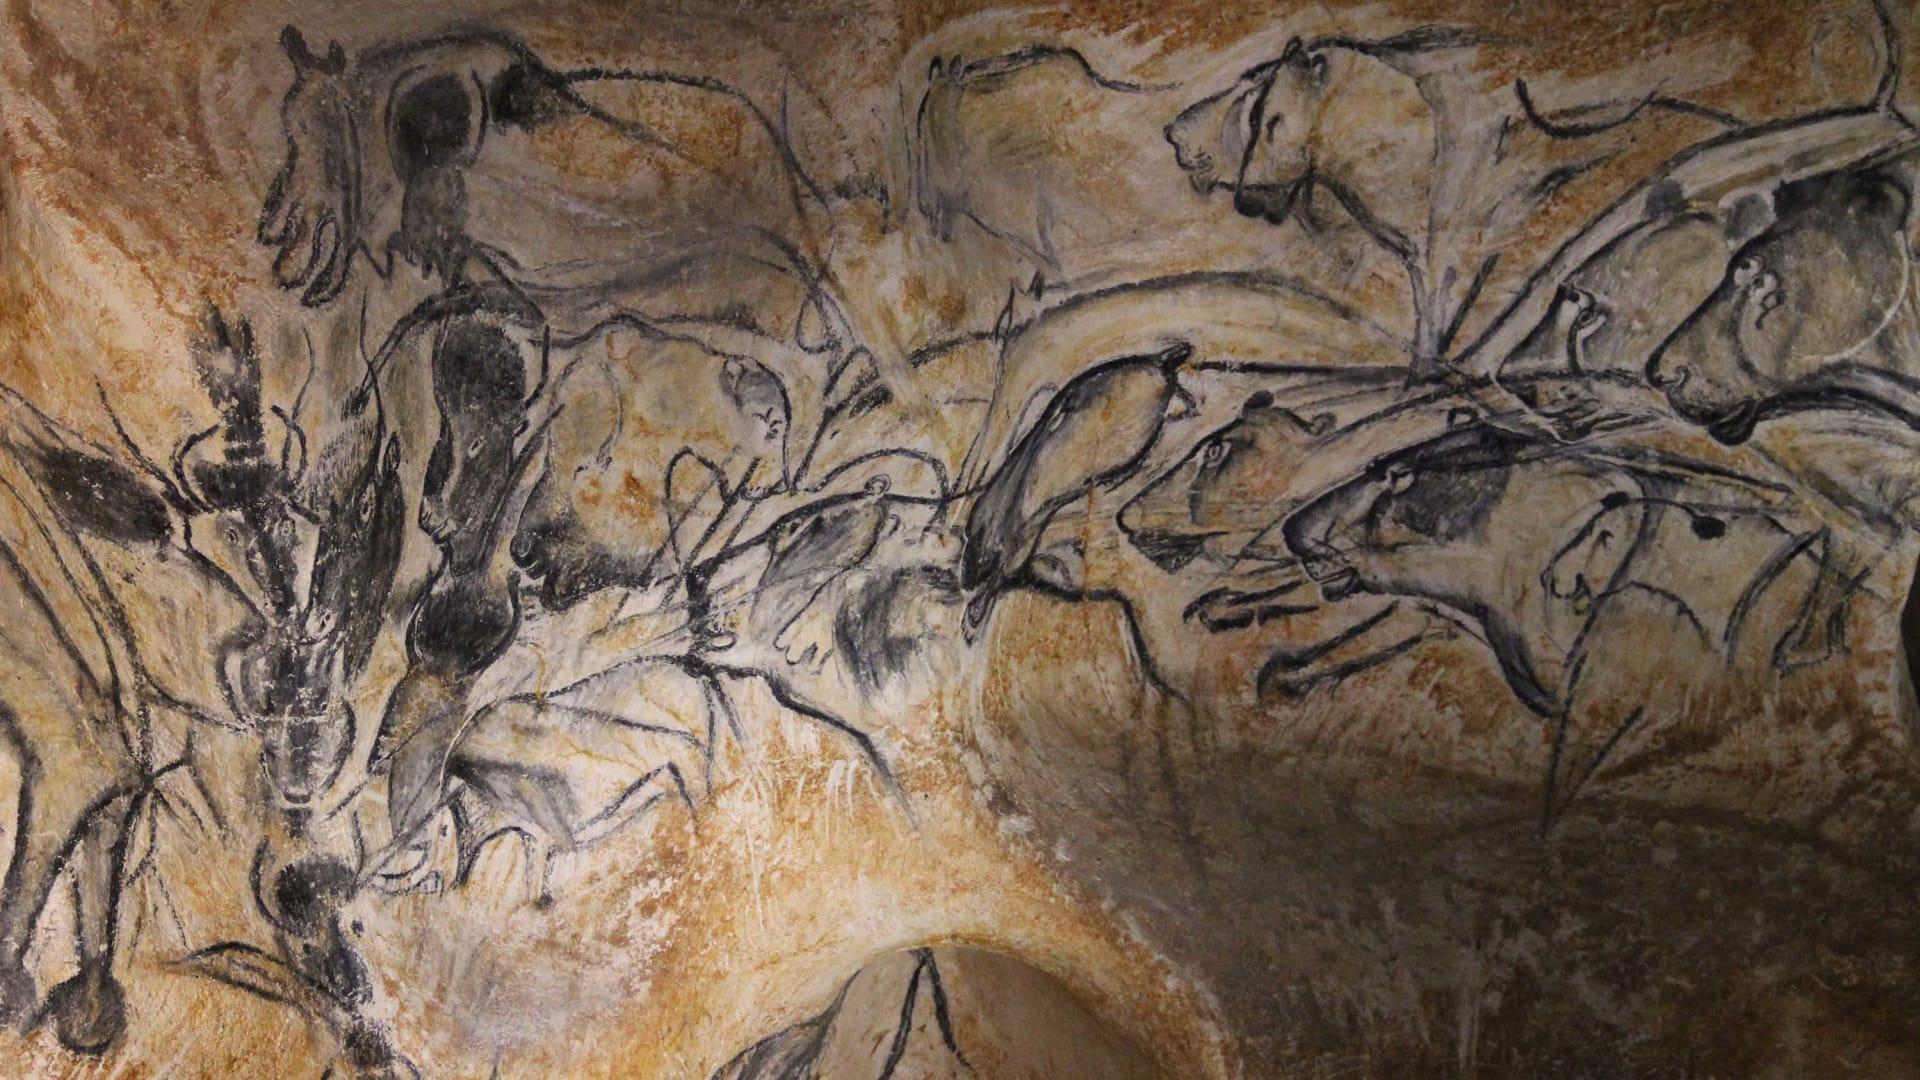 حرم فنانو الكهوف القدماء أنفسهم من الأكسجين أثناء الرسم